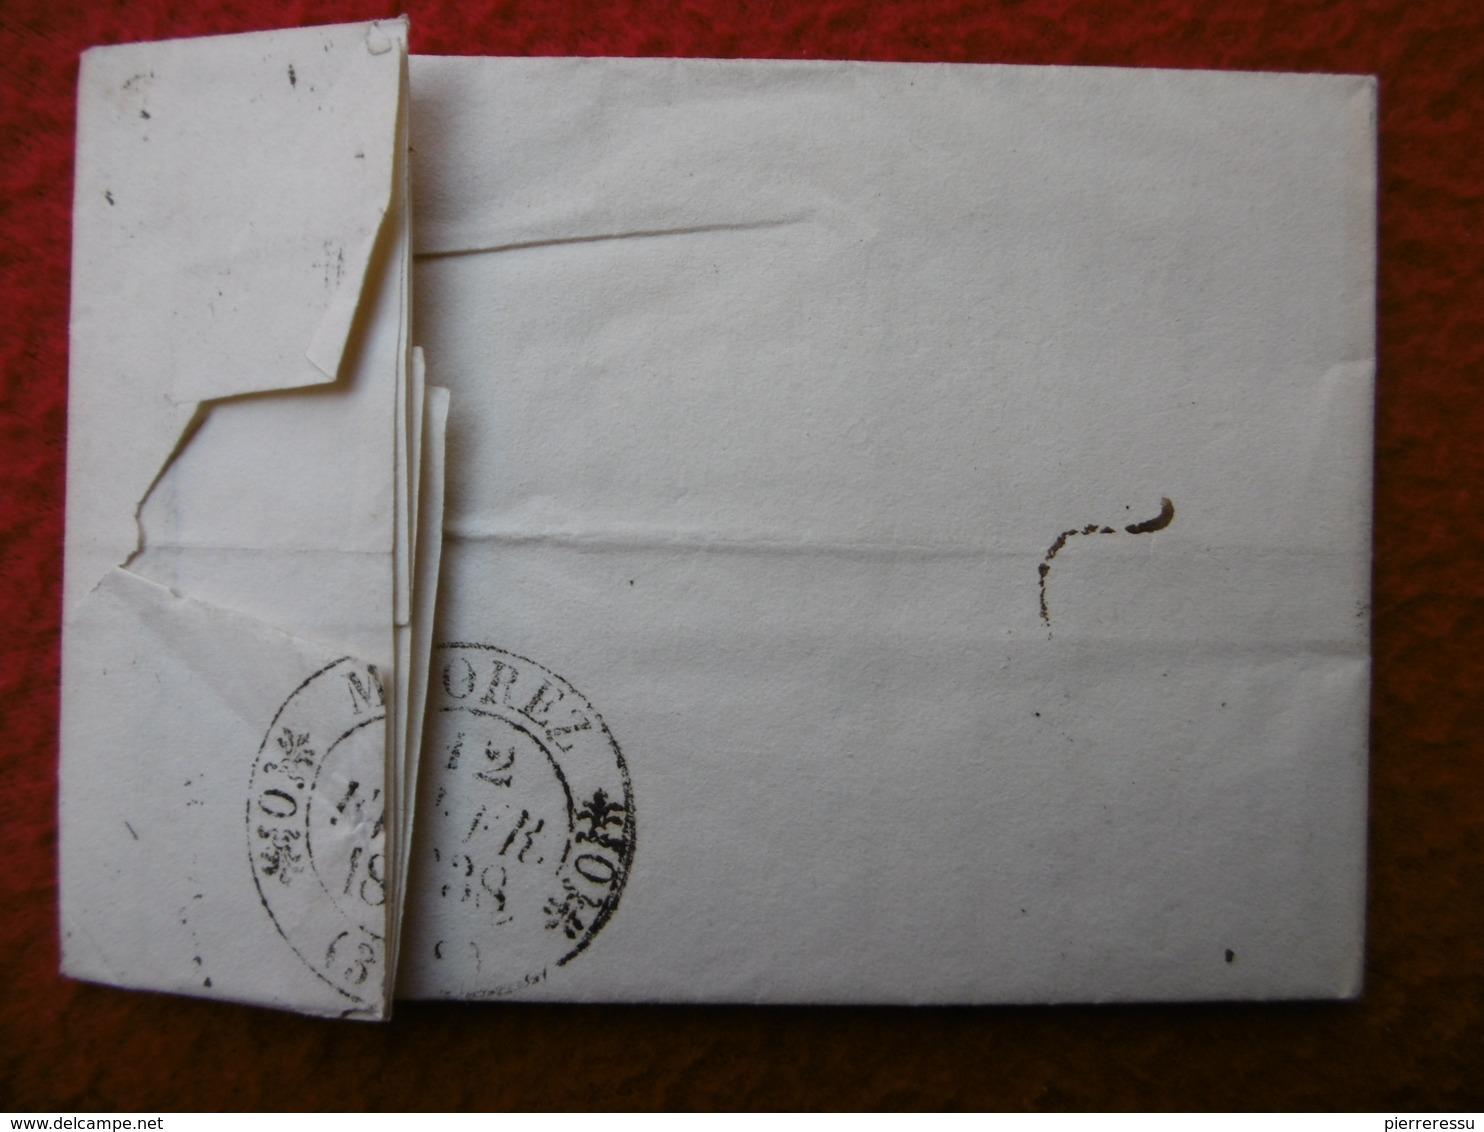 LETTRE DE St GILLES TAXE 7 VIA MOREZ A ROMANET HORLOGER FABRICANT D HORLOGES 1838 - Postmark Collection (Covers)